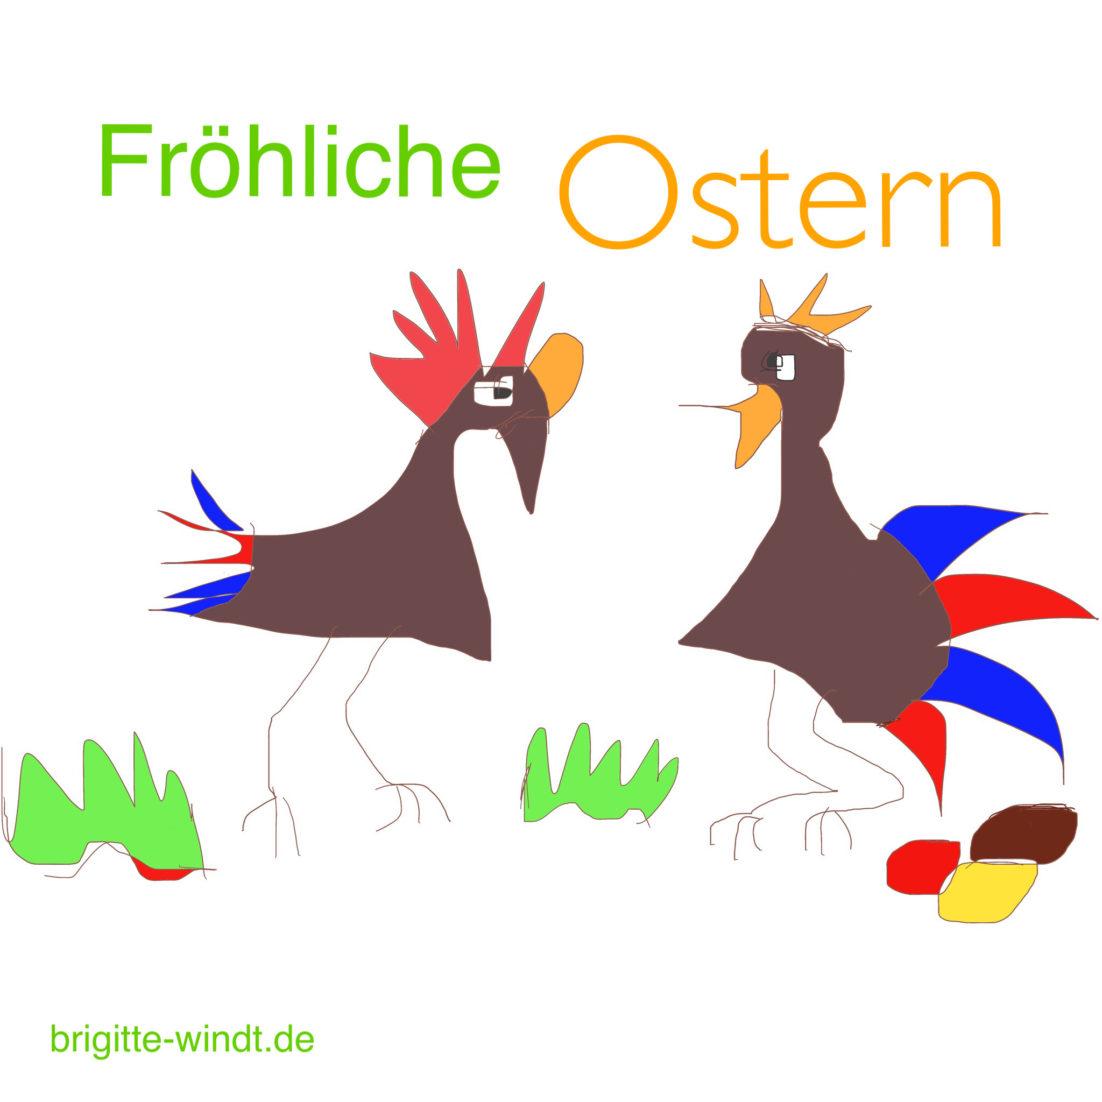 Fröhliche Ostern wünscht Brigitte Windt Berlin